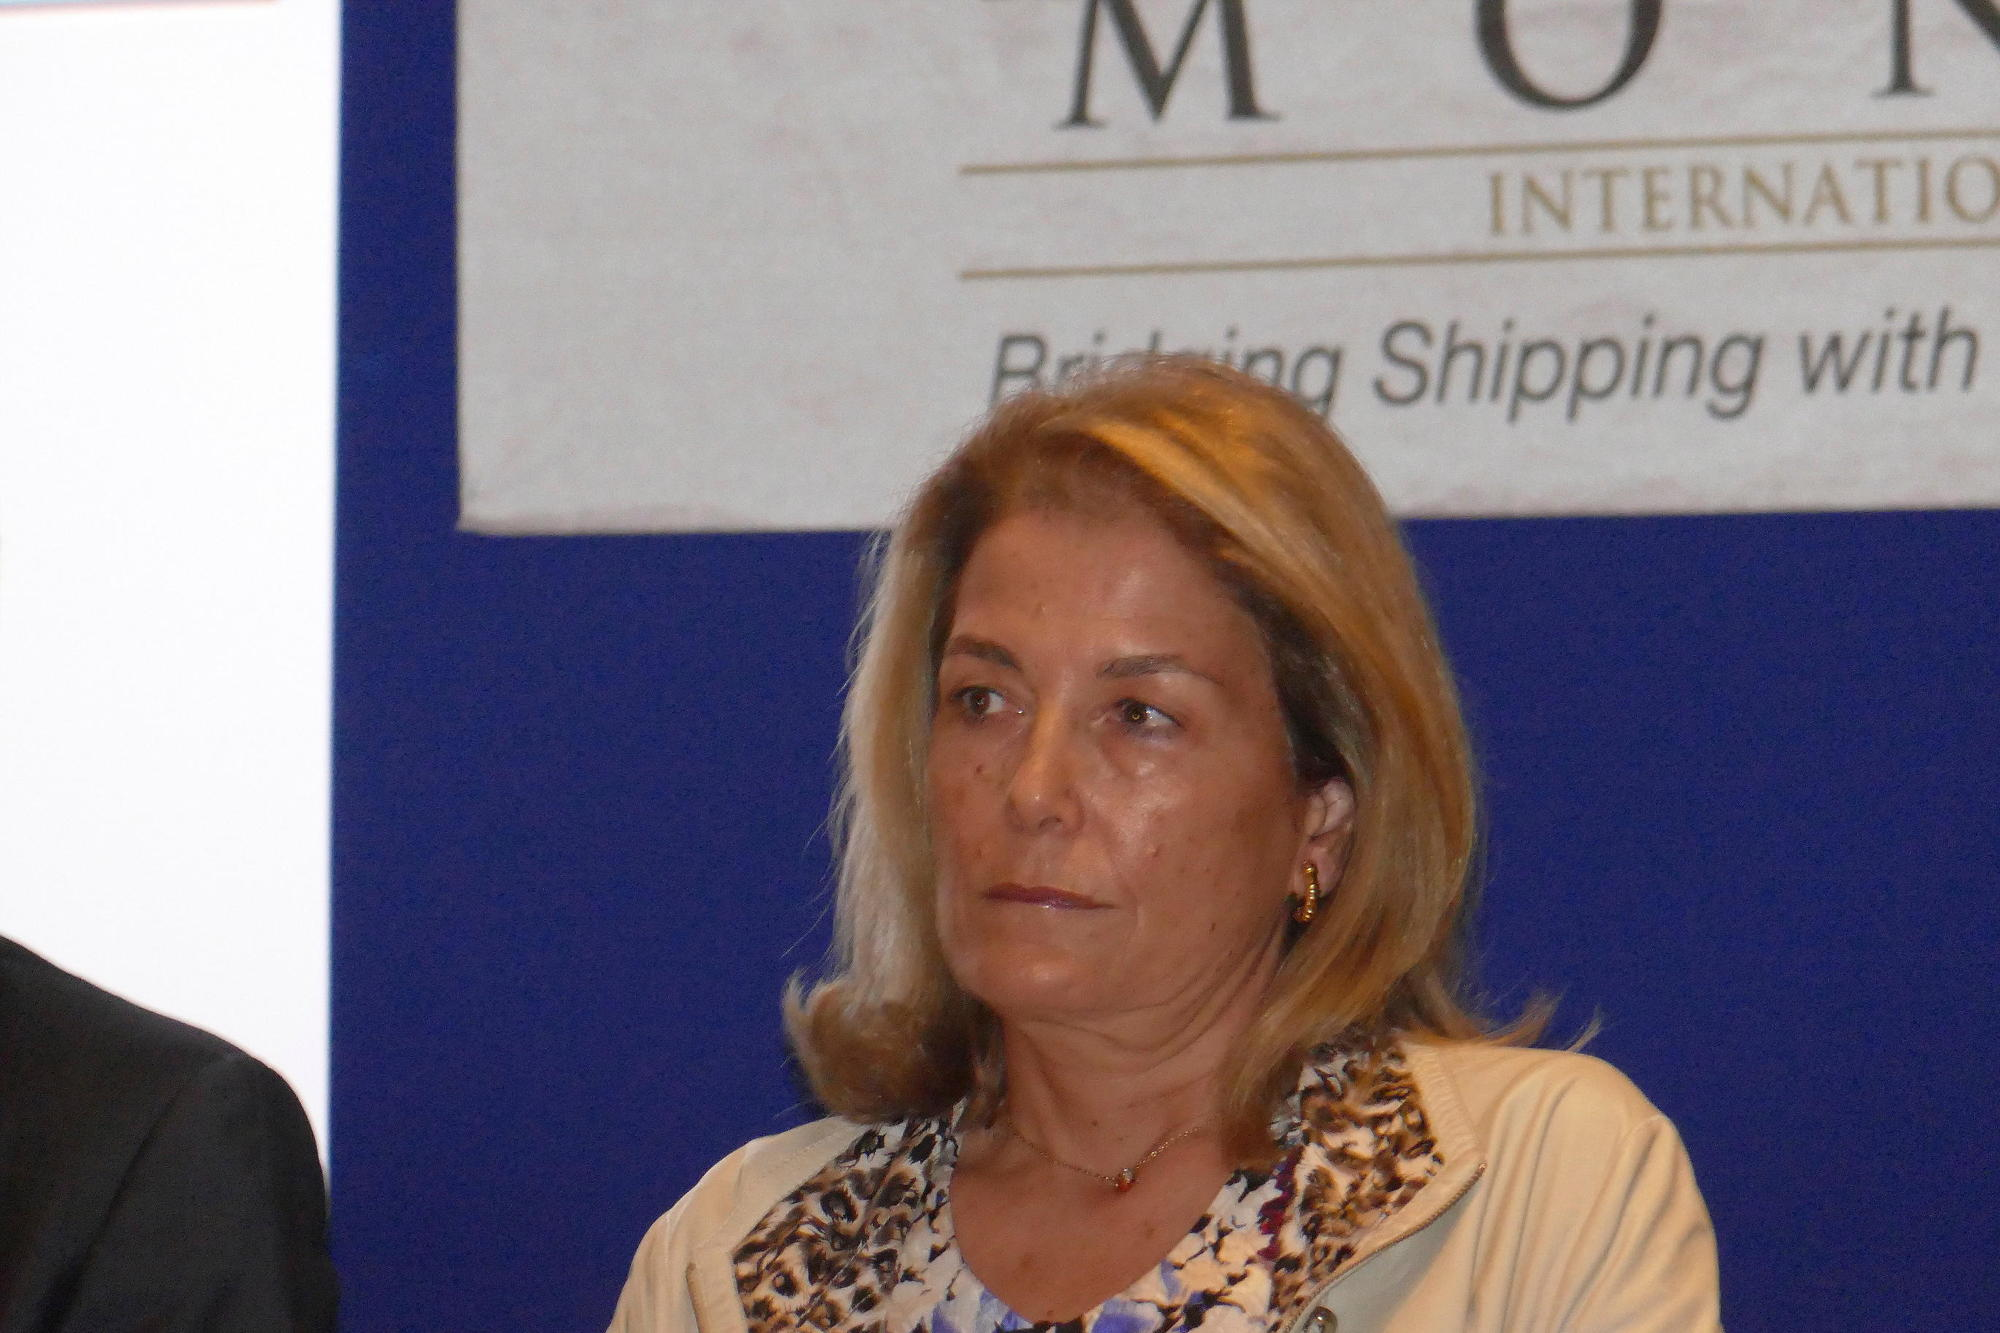 Μαρίλη Φραγκίστα, διευθύνουσα σύμβουλος της ναυτιλιακής Franco Compania Naviera